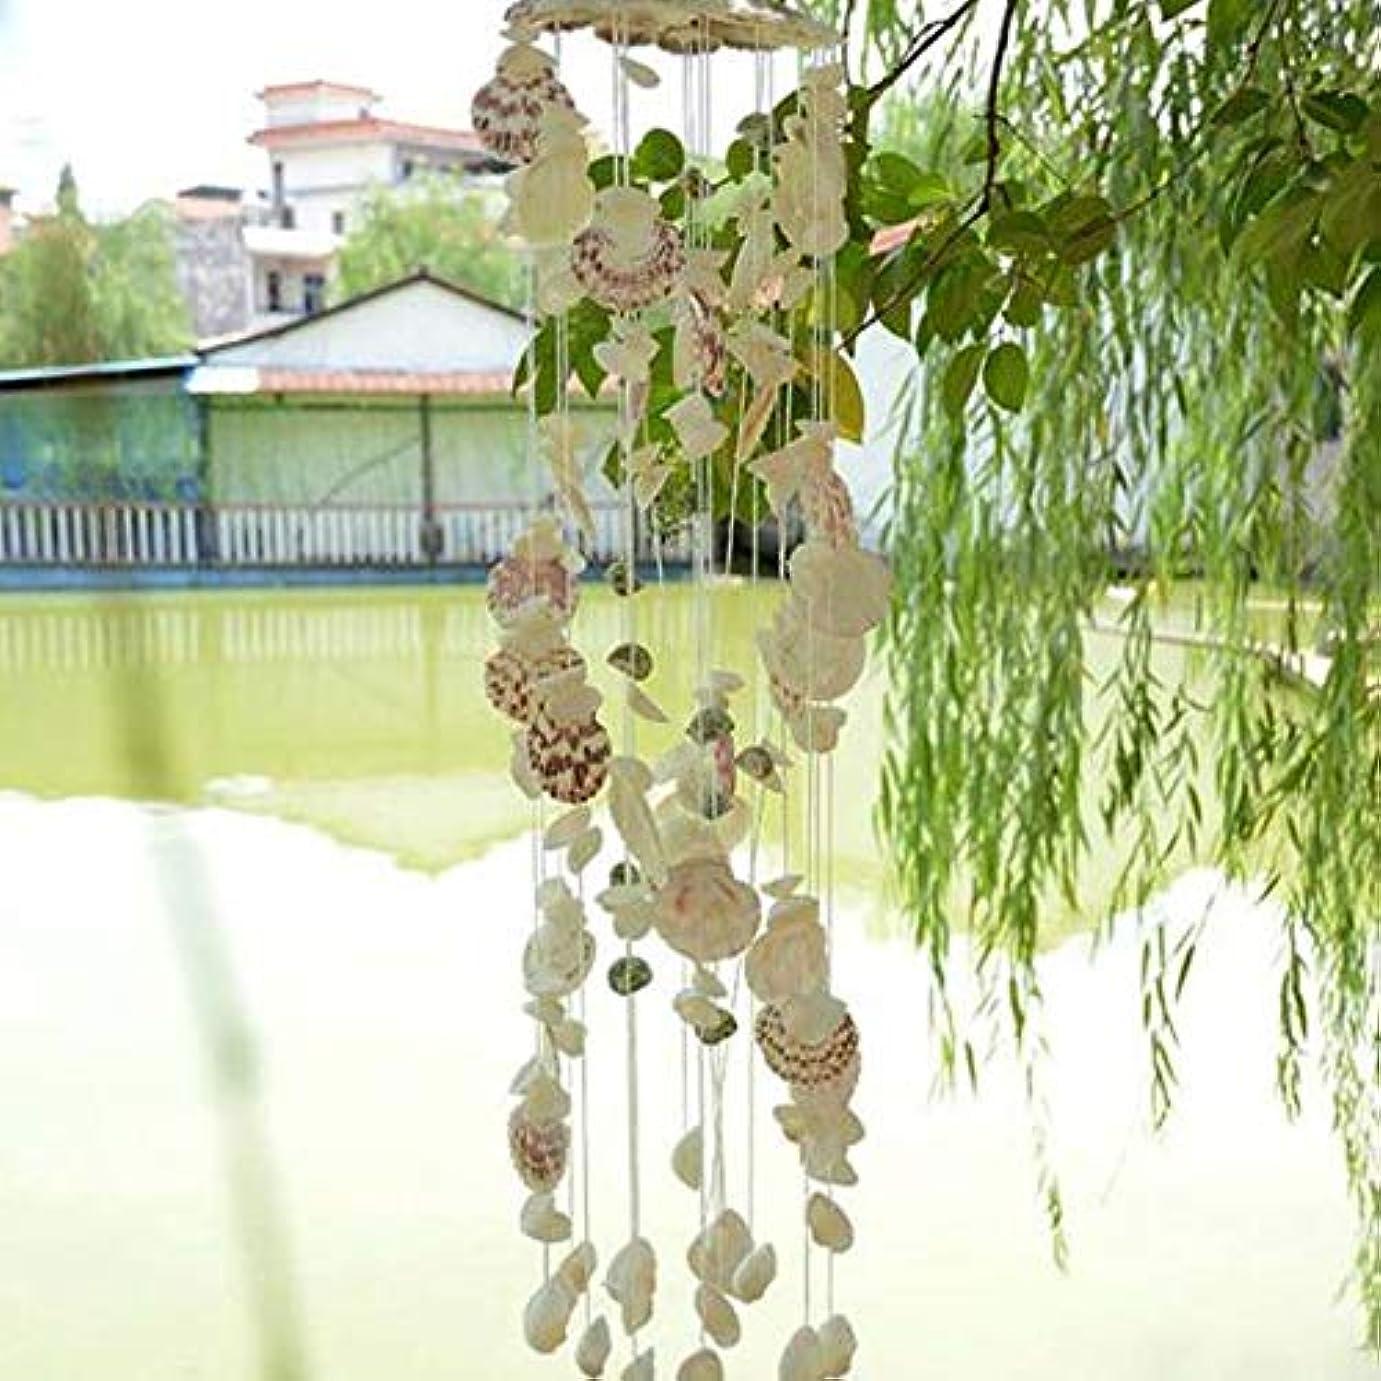 エリート平和卵Hongyushanghang 風チャイム、かわいい手作りのクリエイティブシェル風の鐘、斑入り、全長約95CM,、ジュエリークリエイティブホリデーギフトを掛ける (Color : White)